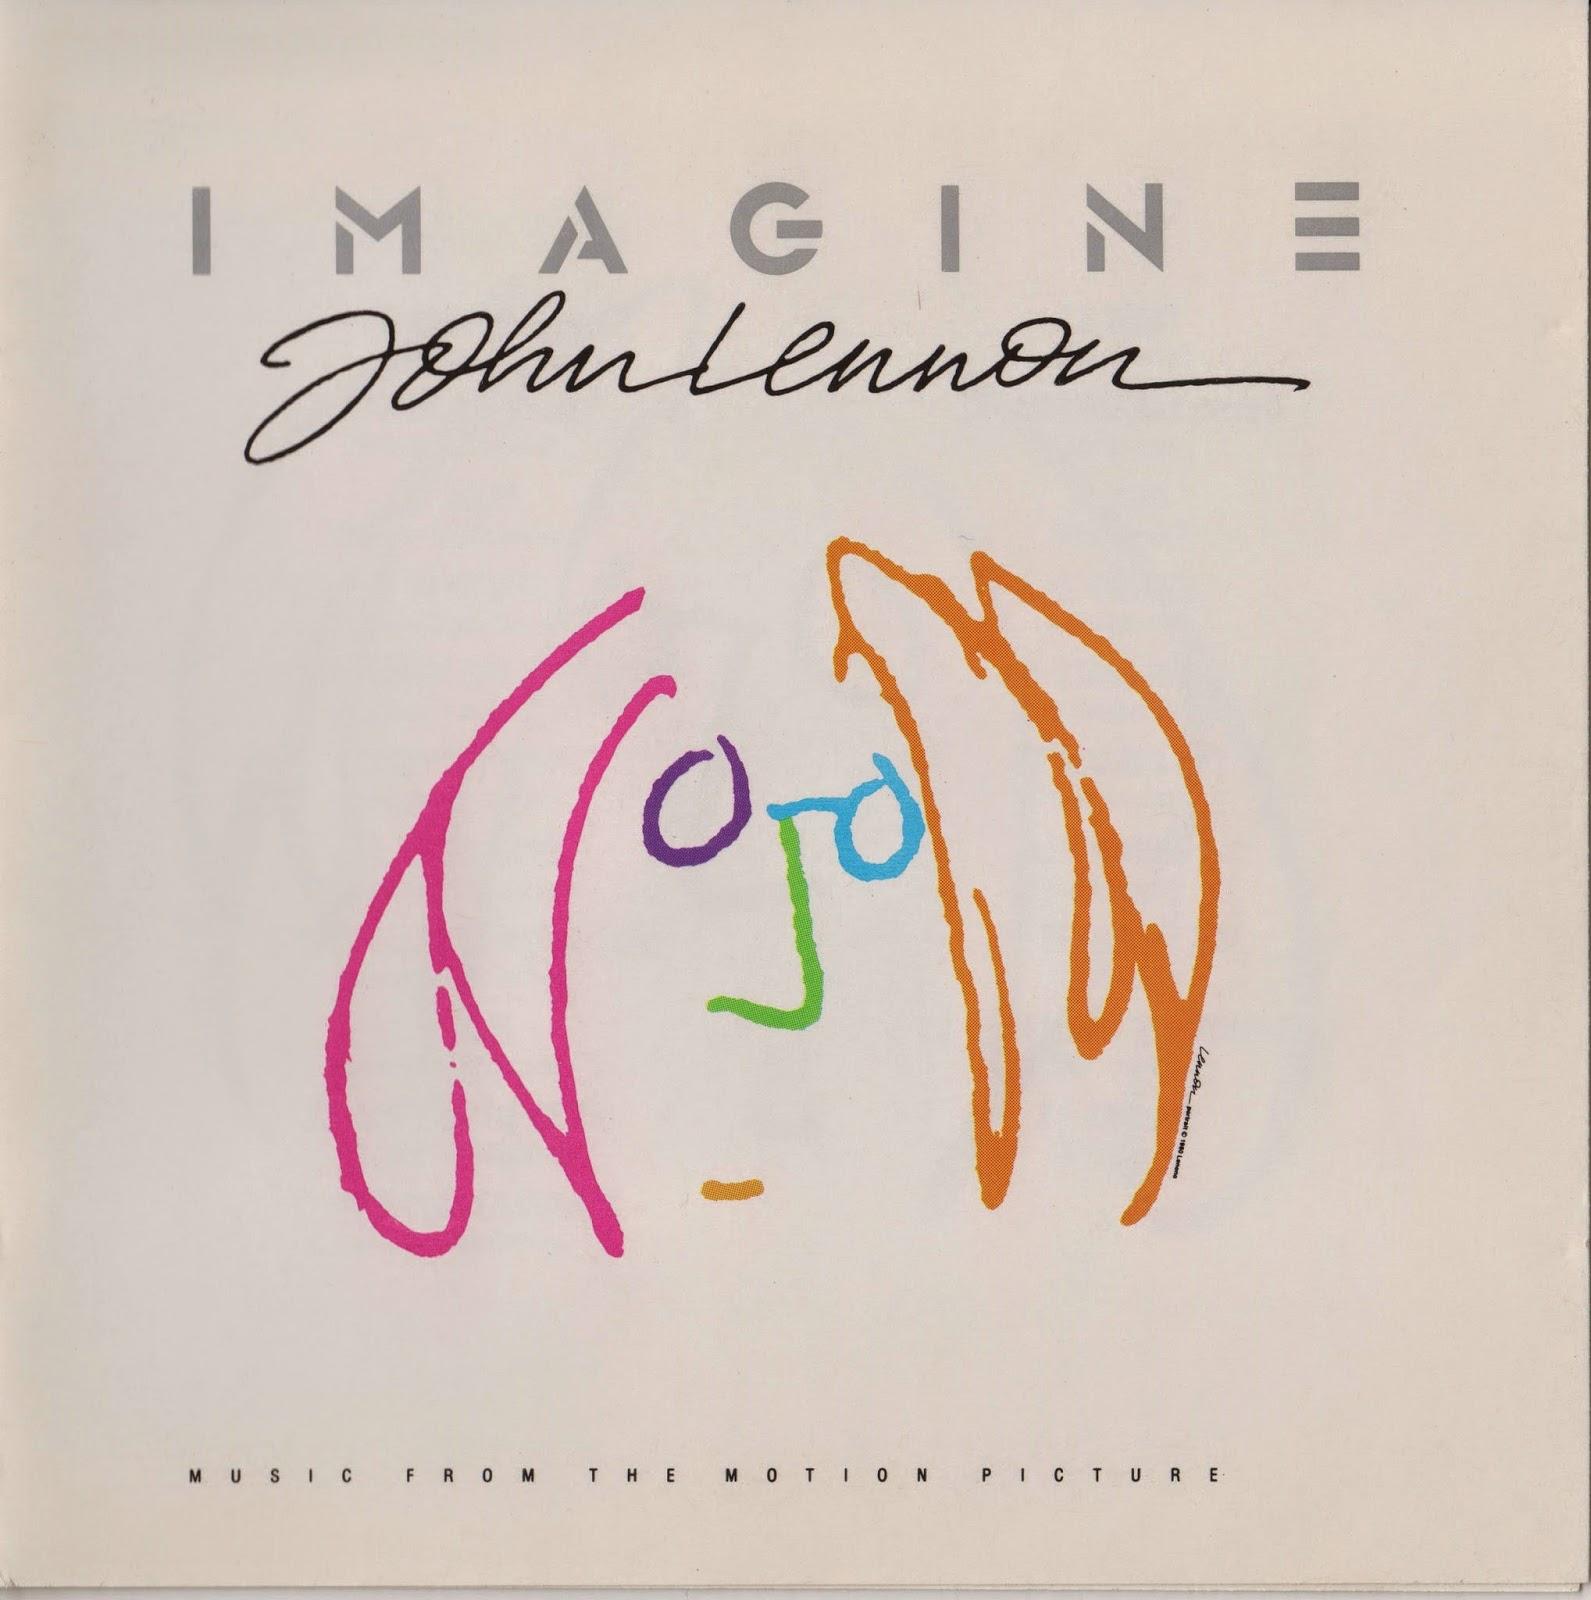 John lennon imagine album download rar